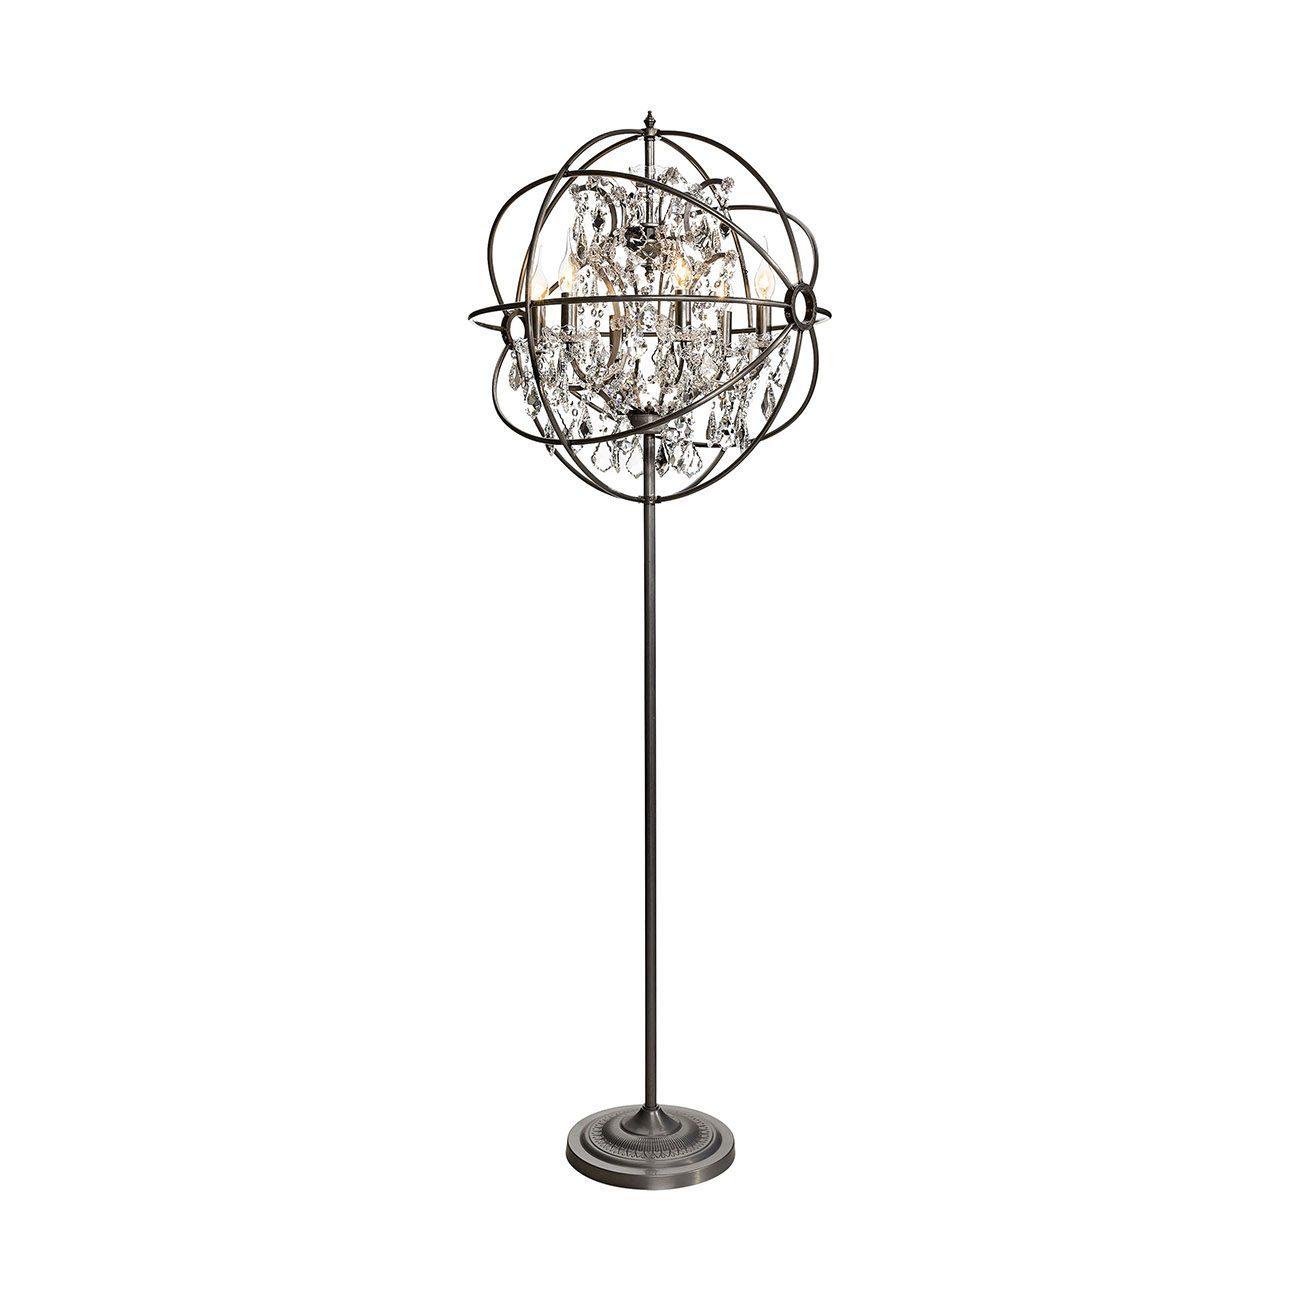 Gyrop golvlampa i silver med kristall från Artwood.